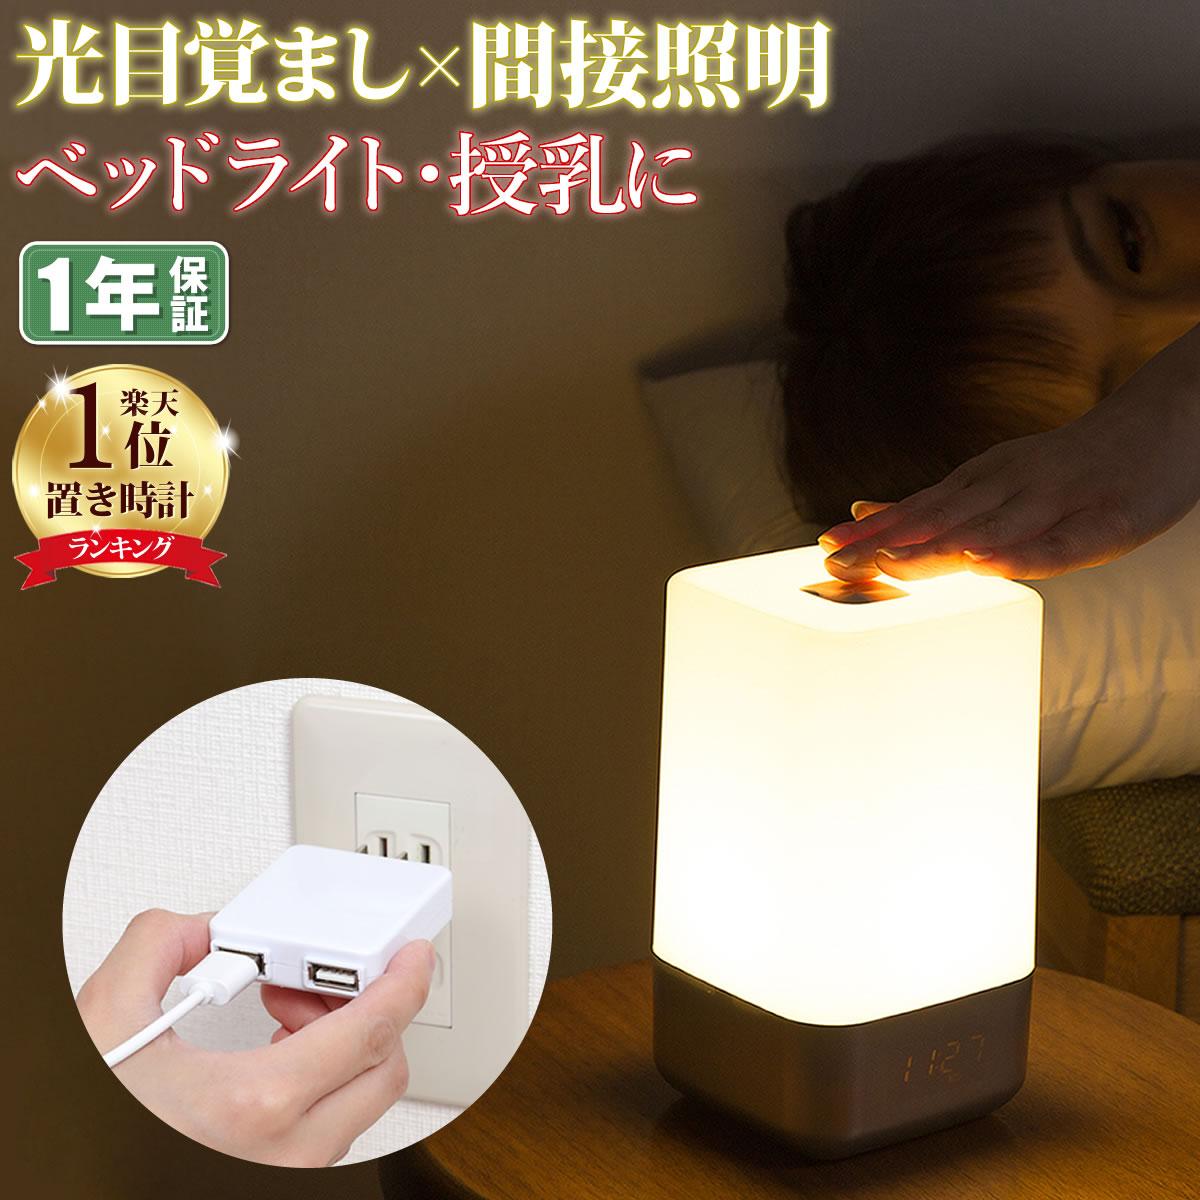 夜間のおむつ交換・授乳に!持ち運びに便利な調光できるライトは?